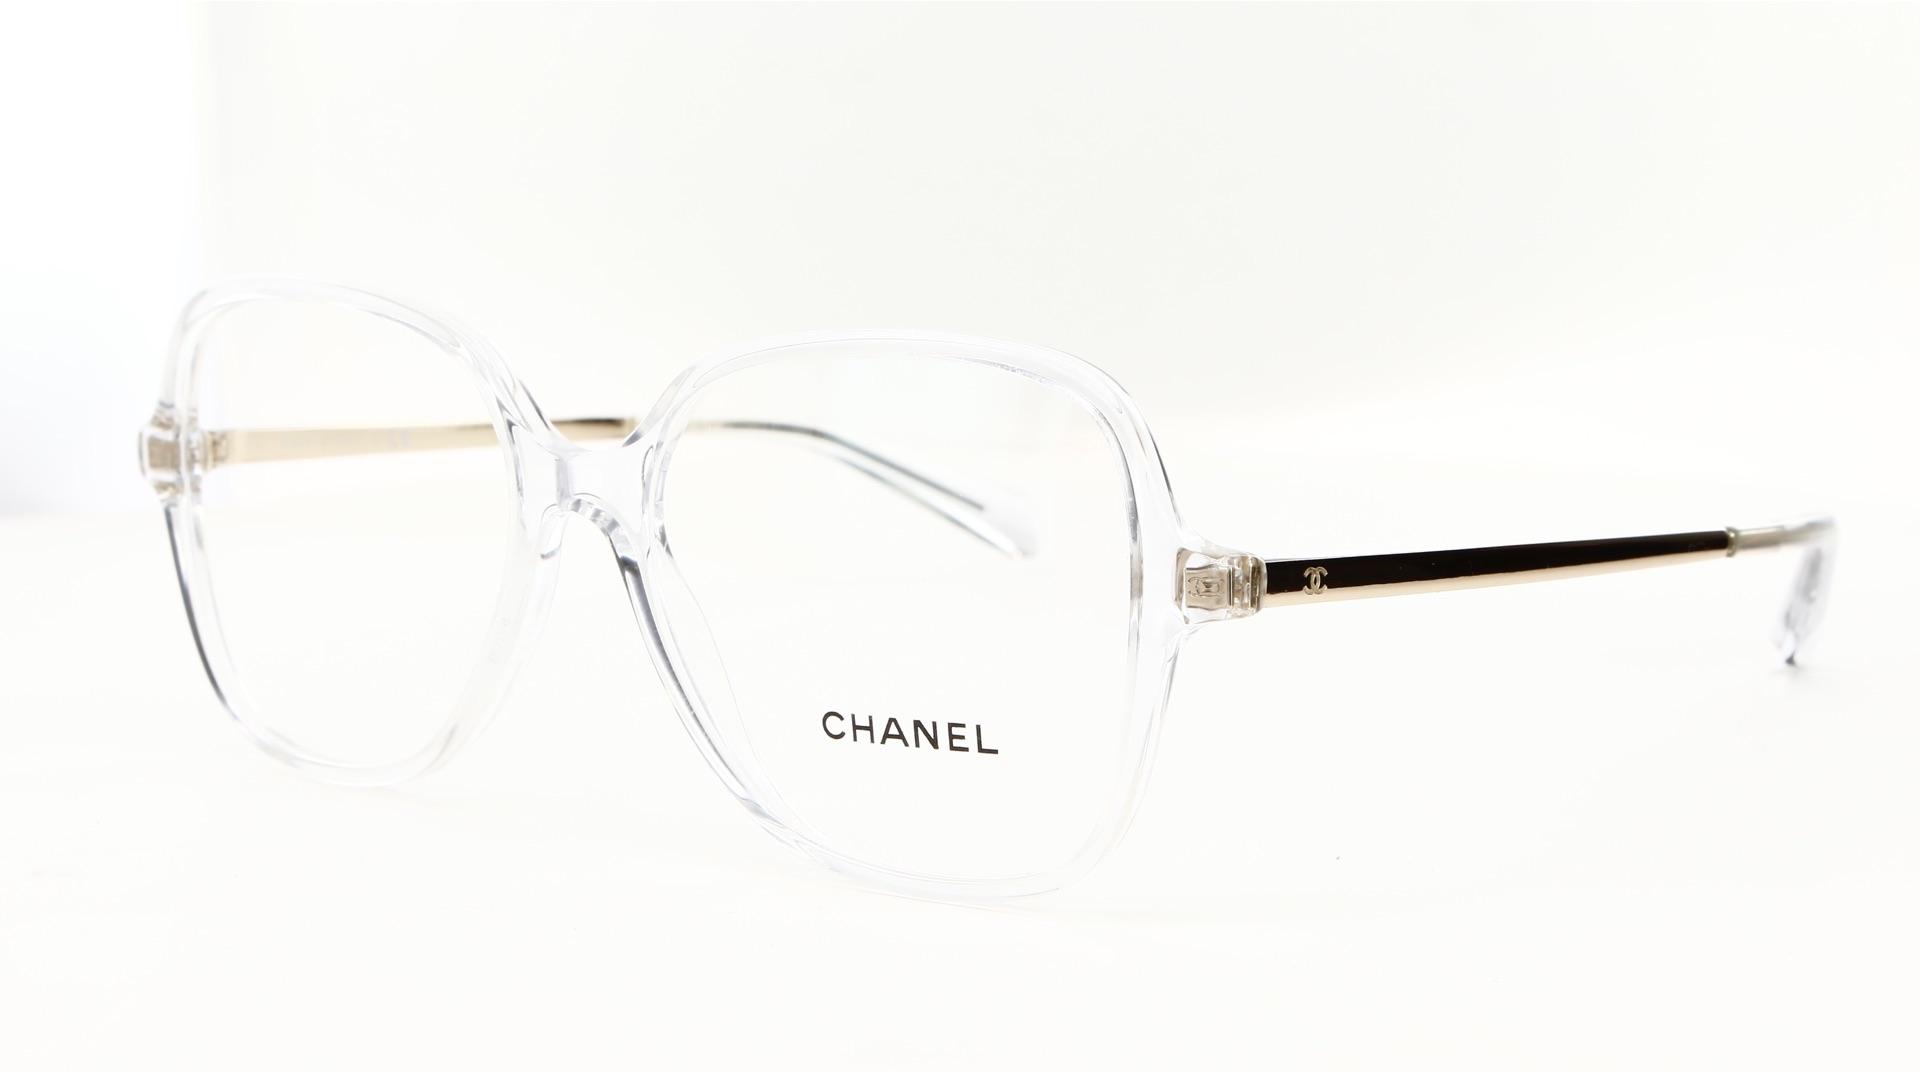 Chanel - ref: 80694